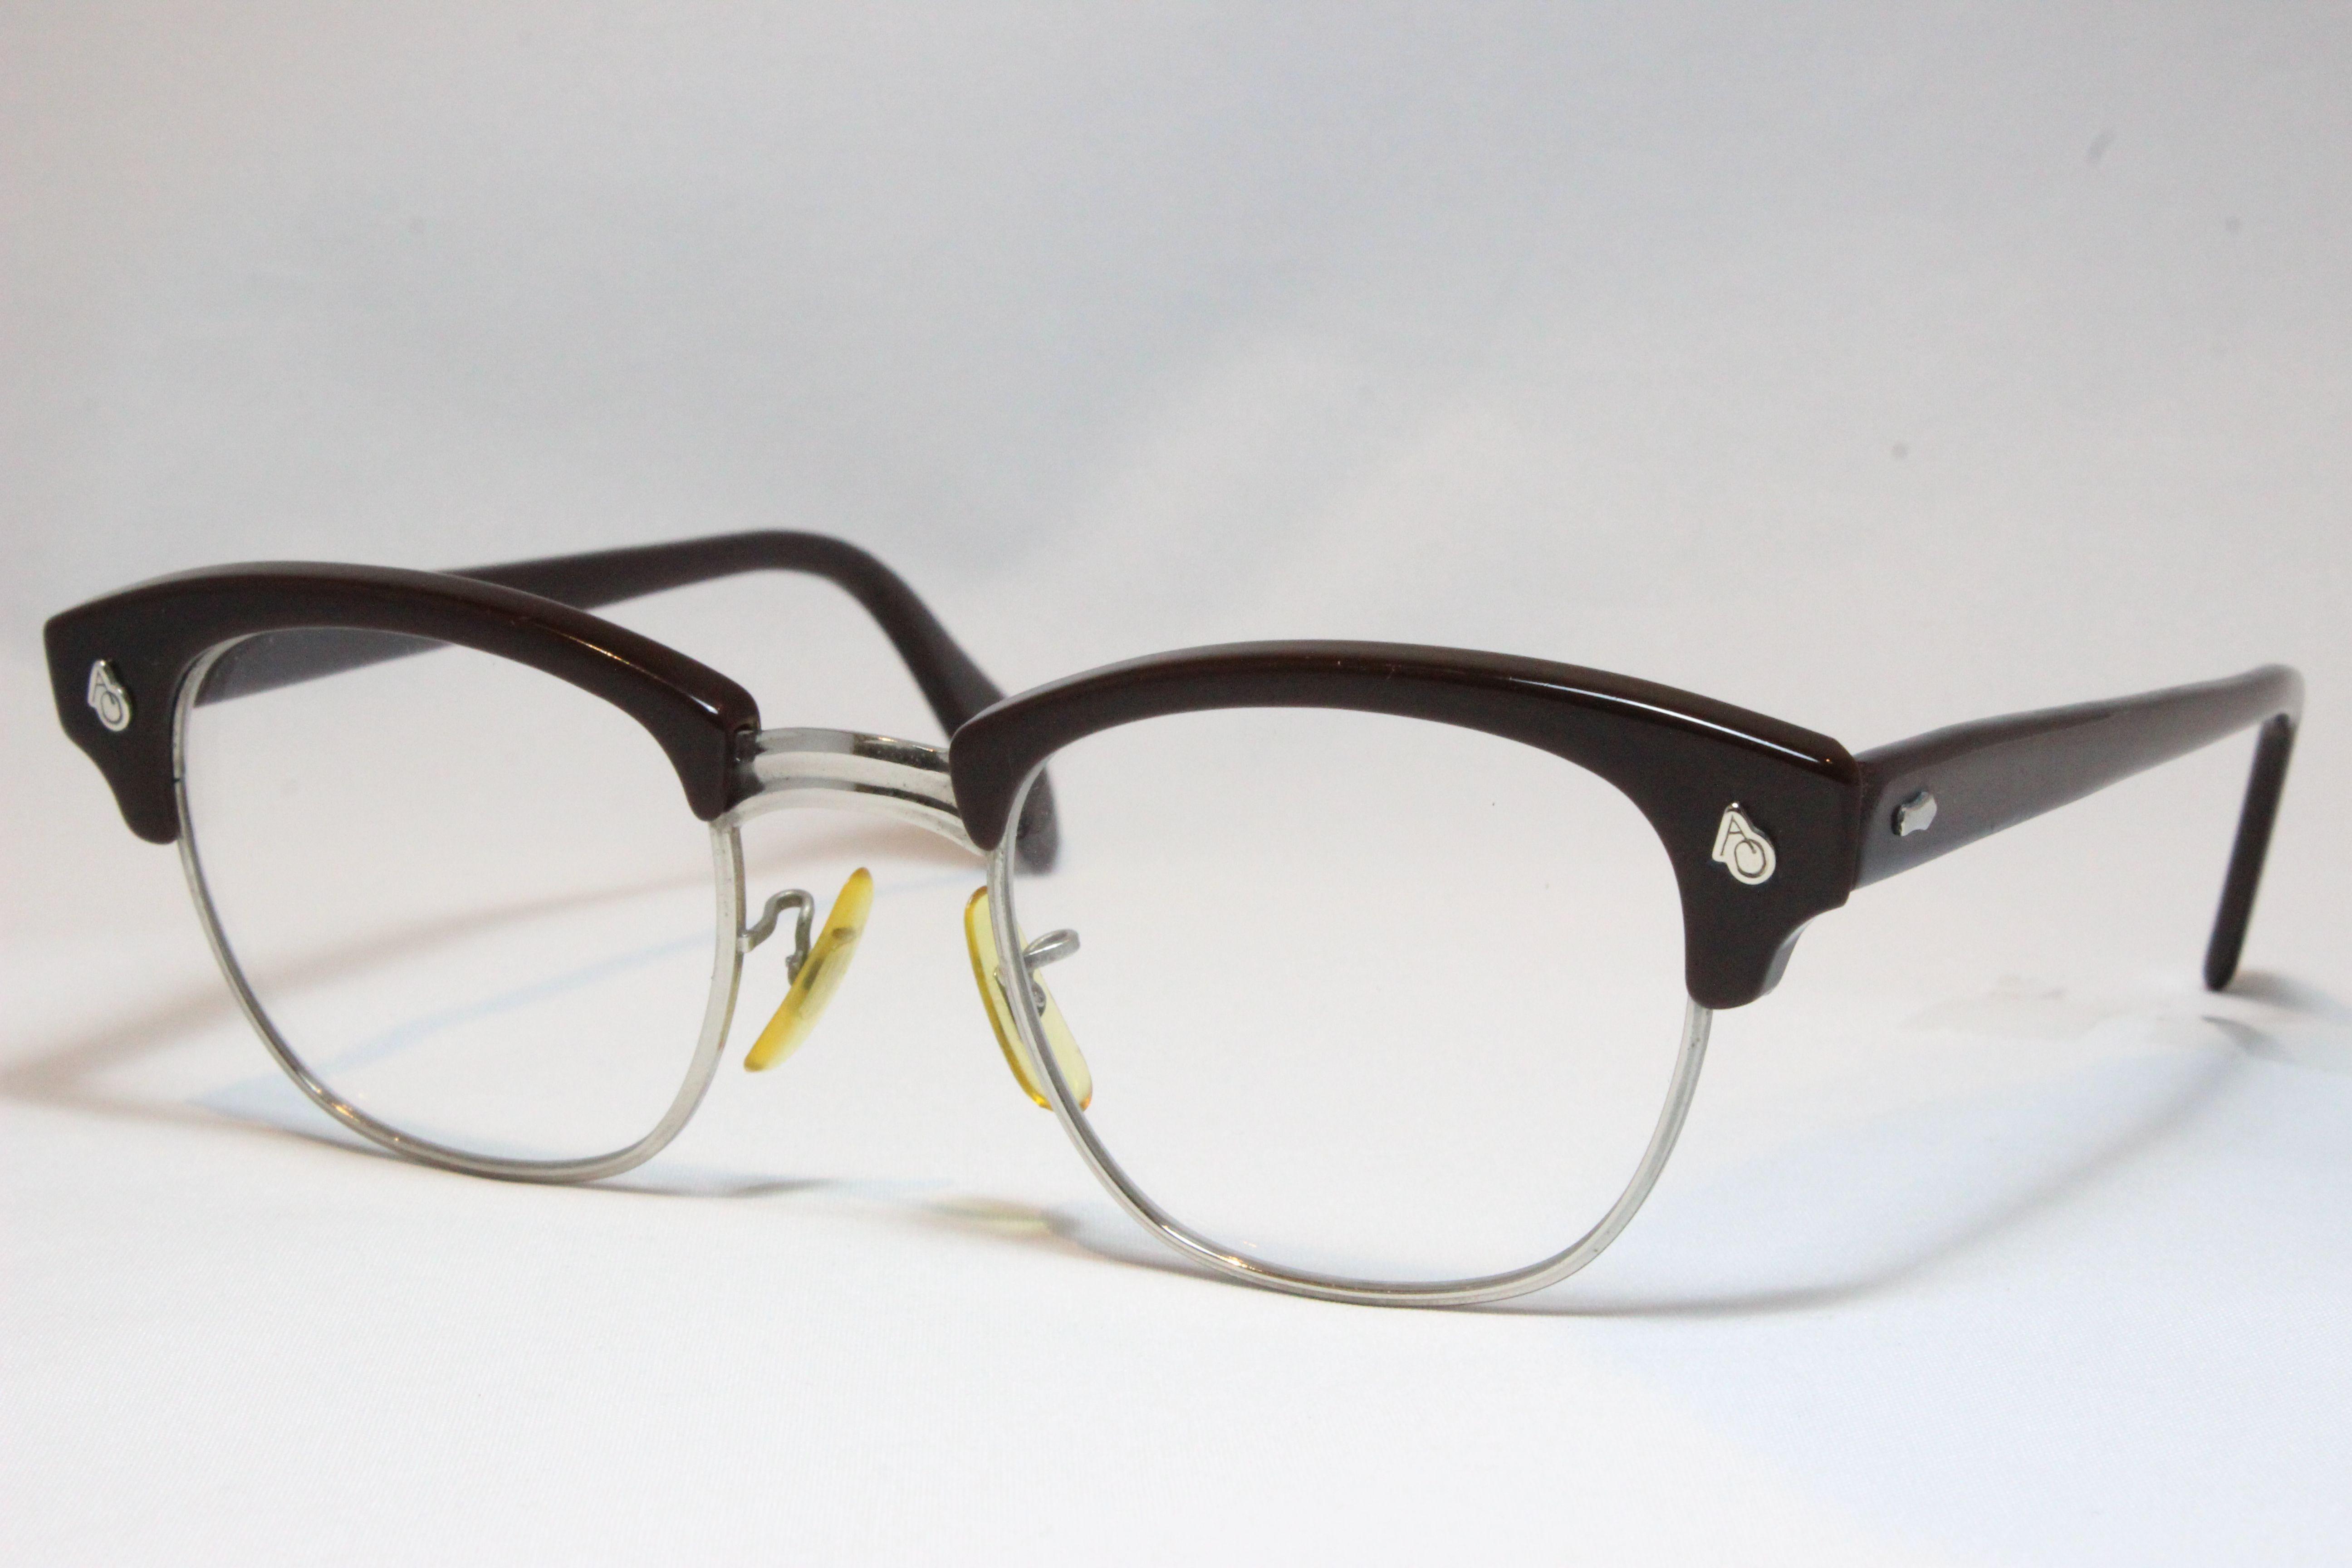 【送料無料】AMERICAN OPTICAL 1960'S BLOWLINE  VINTAGE  アメリカンオプティカル 1960'S ブロウライン ヴィンテージメガネ (AO-028)